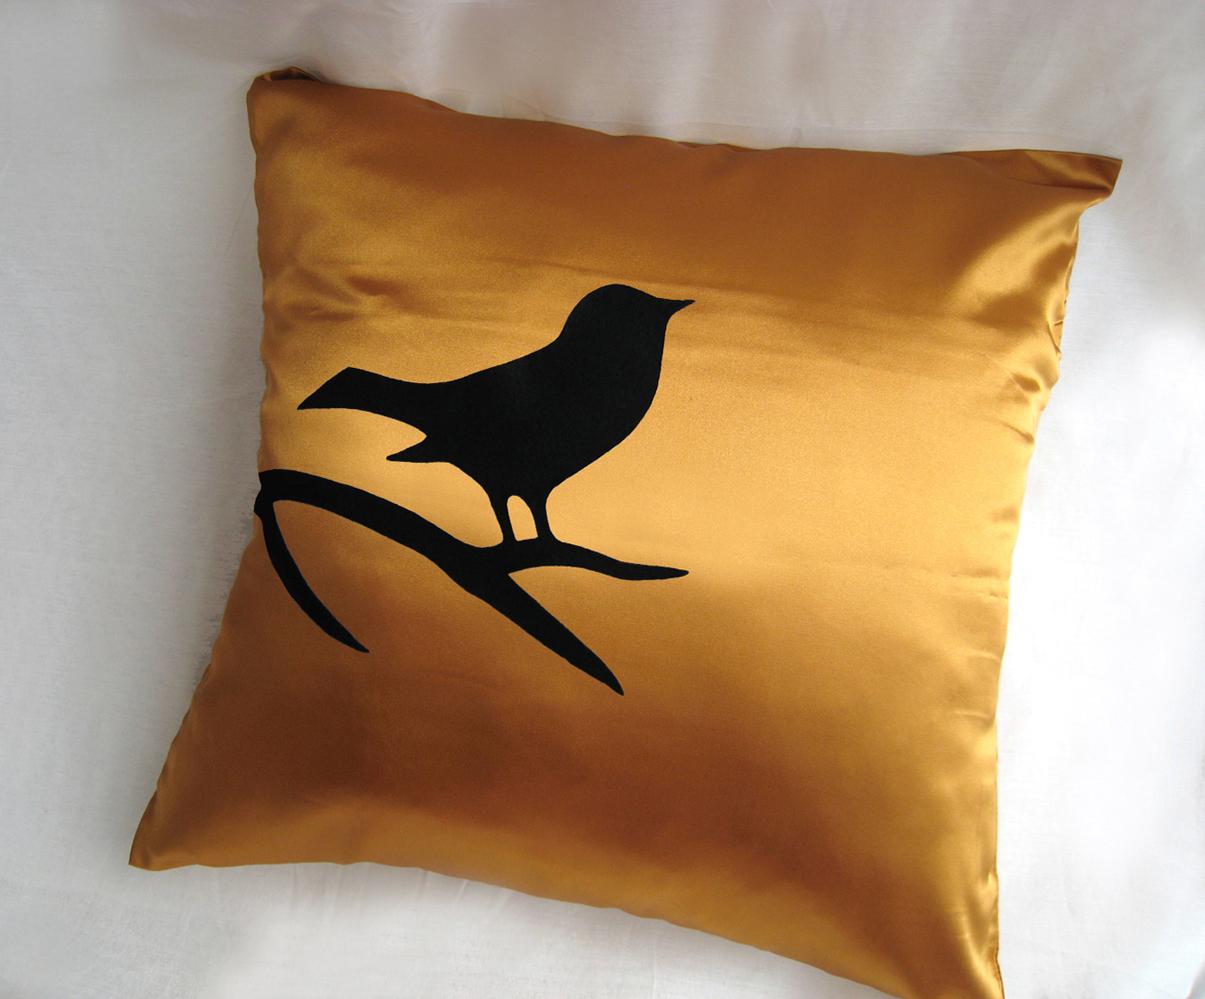 Handmade Bird On Brunch Aqua Blue And Black Pillow Cover. Modern Bird Cushion - Pillows